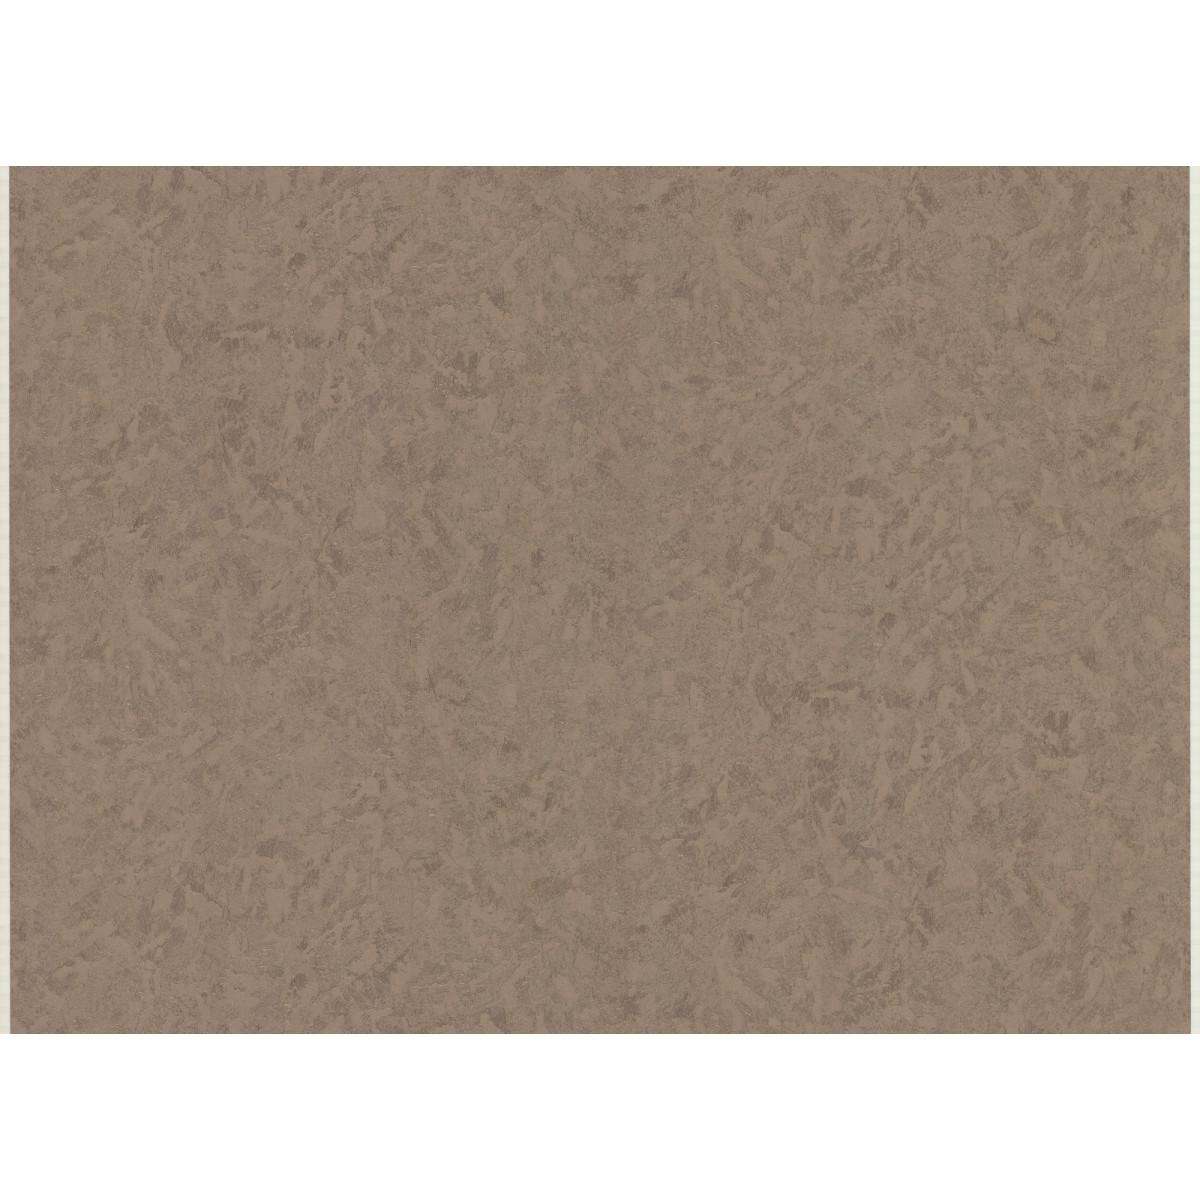 Обои флизелиновые Decori-Decori Gioiello коричневые 1.06 м 82524